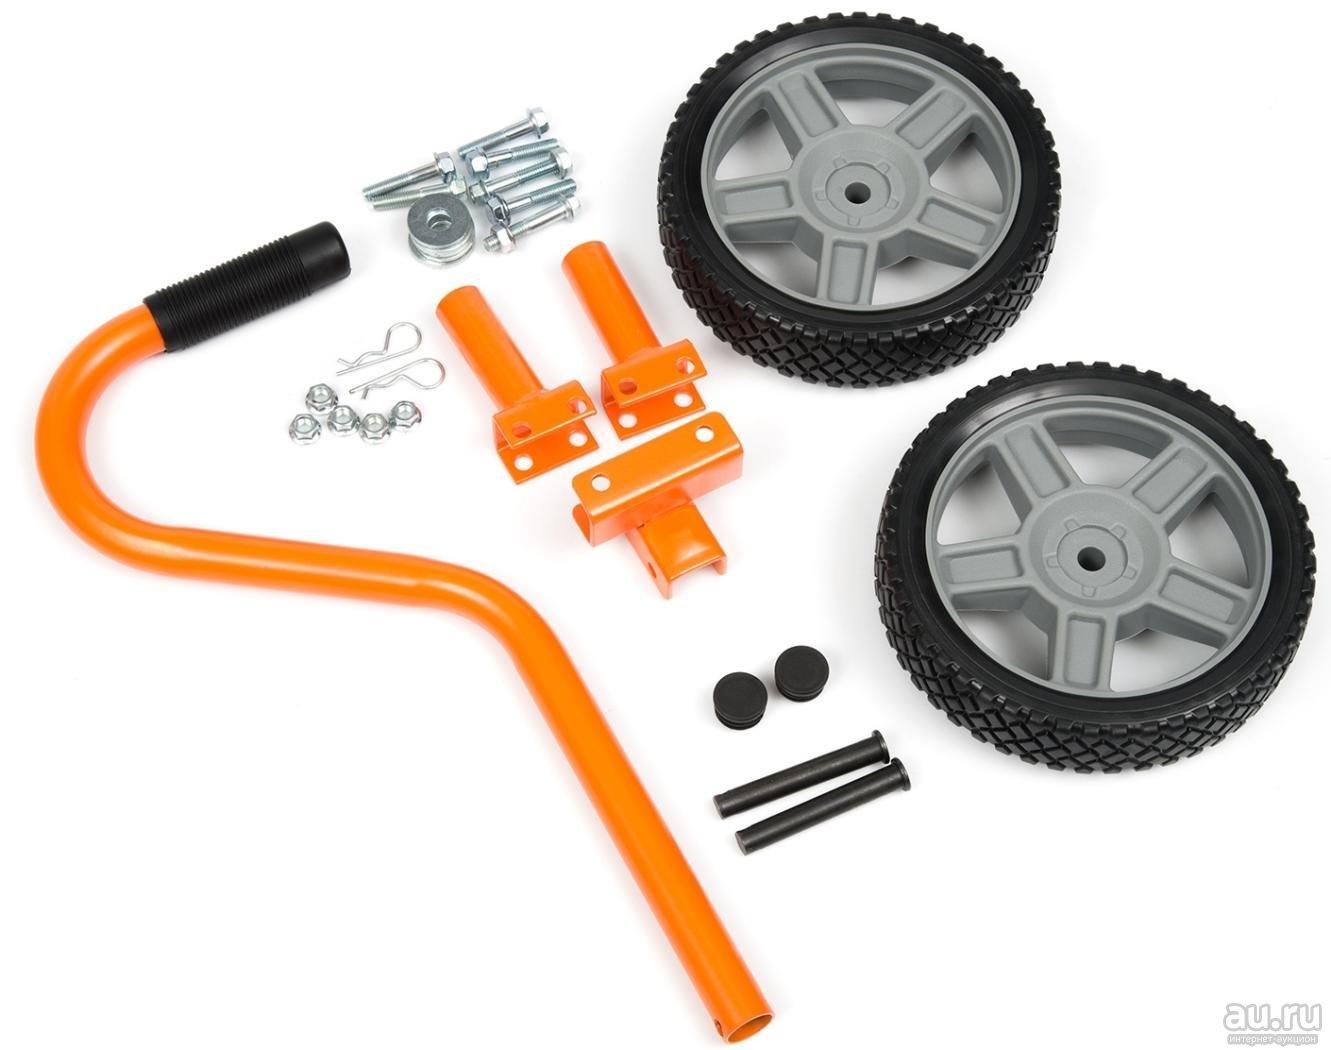 Комплект колес для генераторов ECT 7000 в Евпаторияе